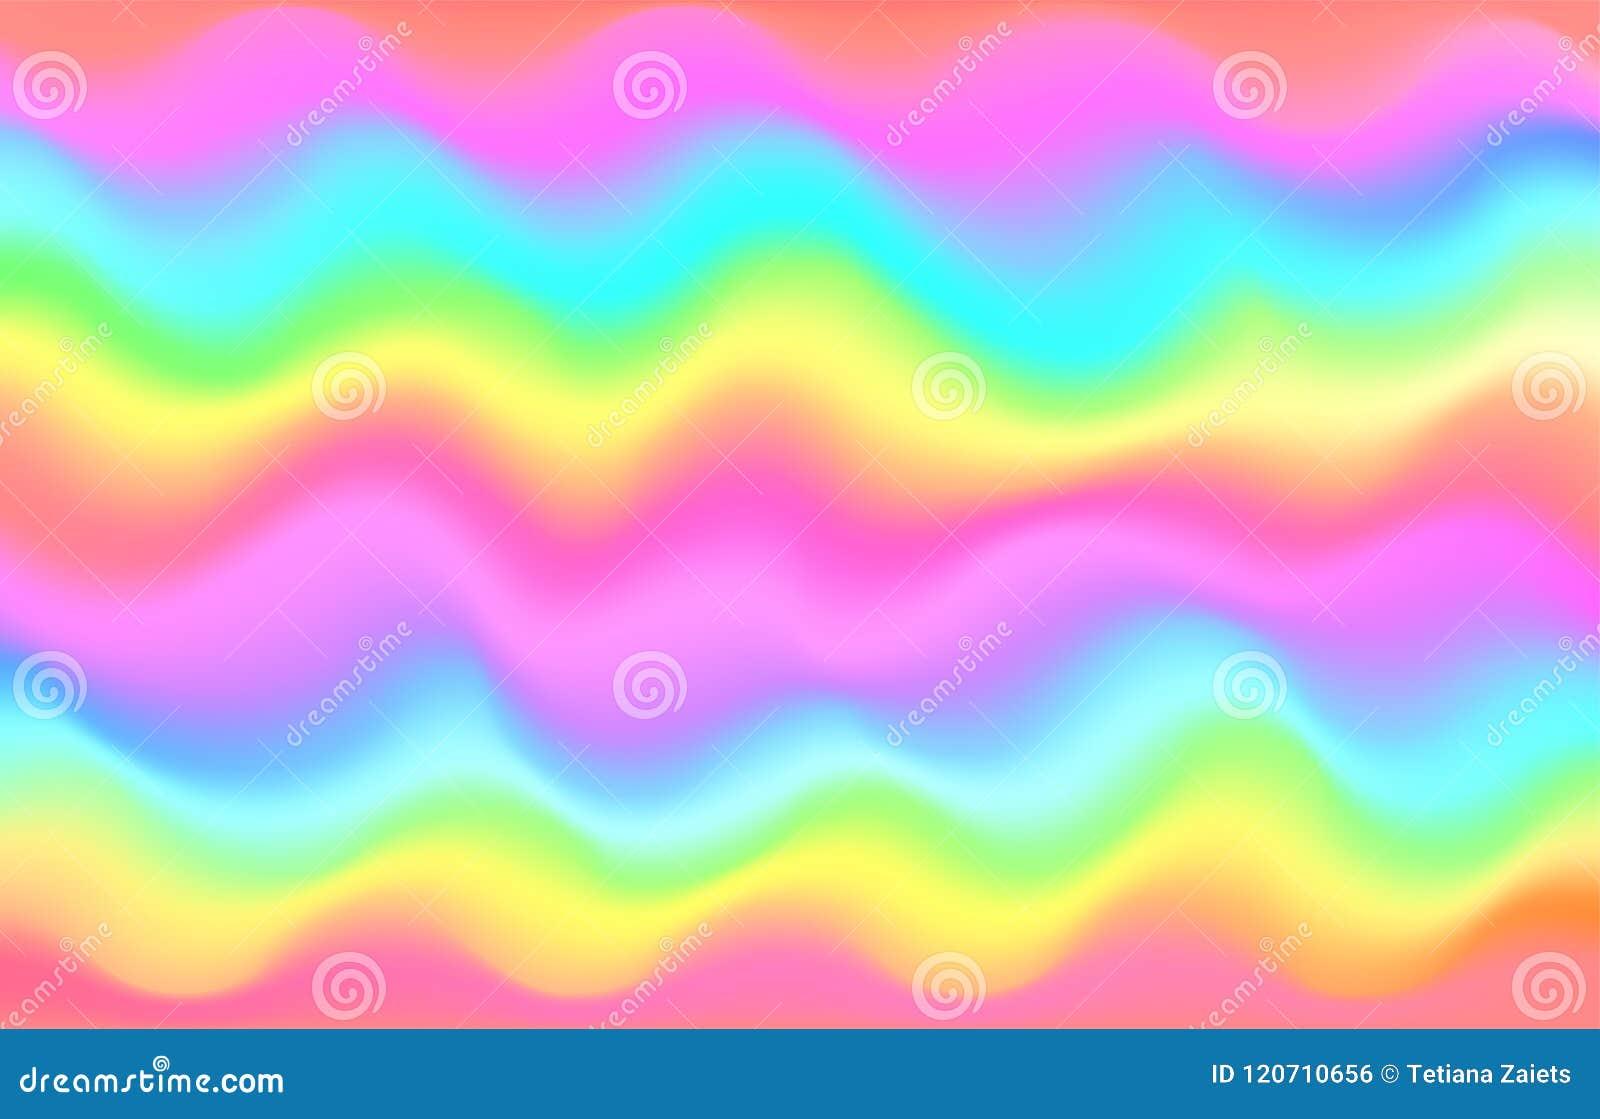 Fundo da onda do arco-íris do unicórnio Teste padrão da galáxia da sereia